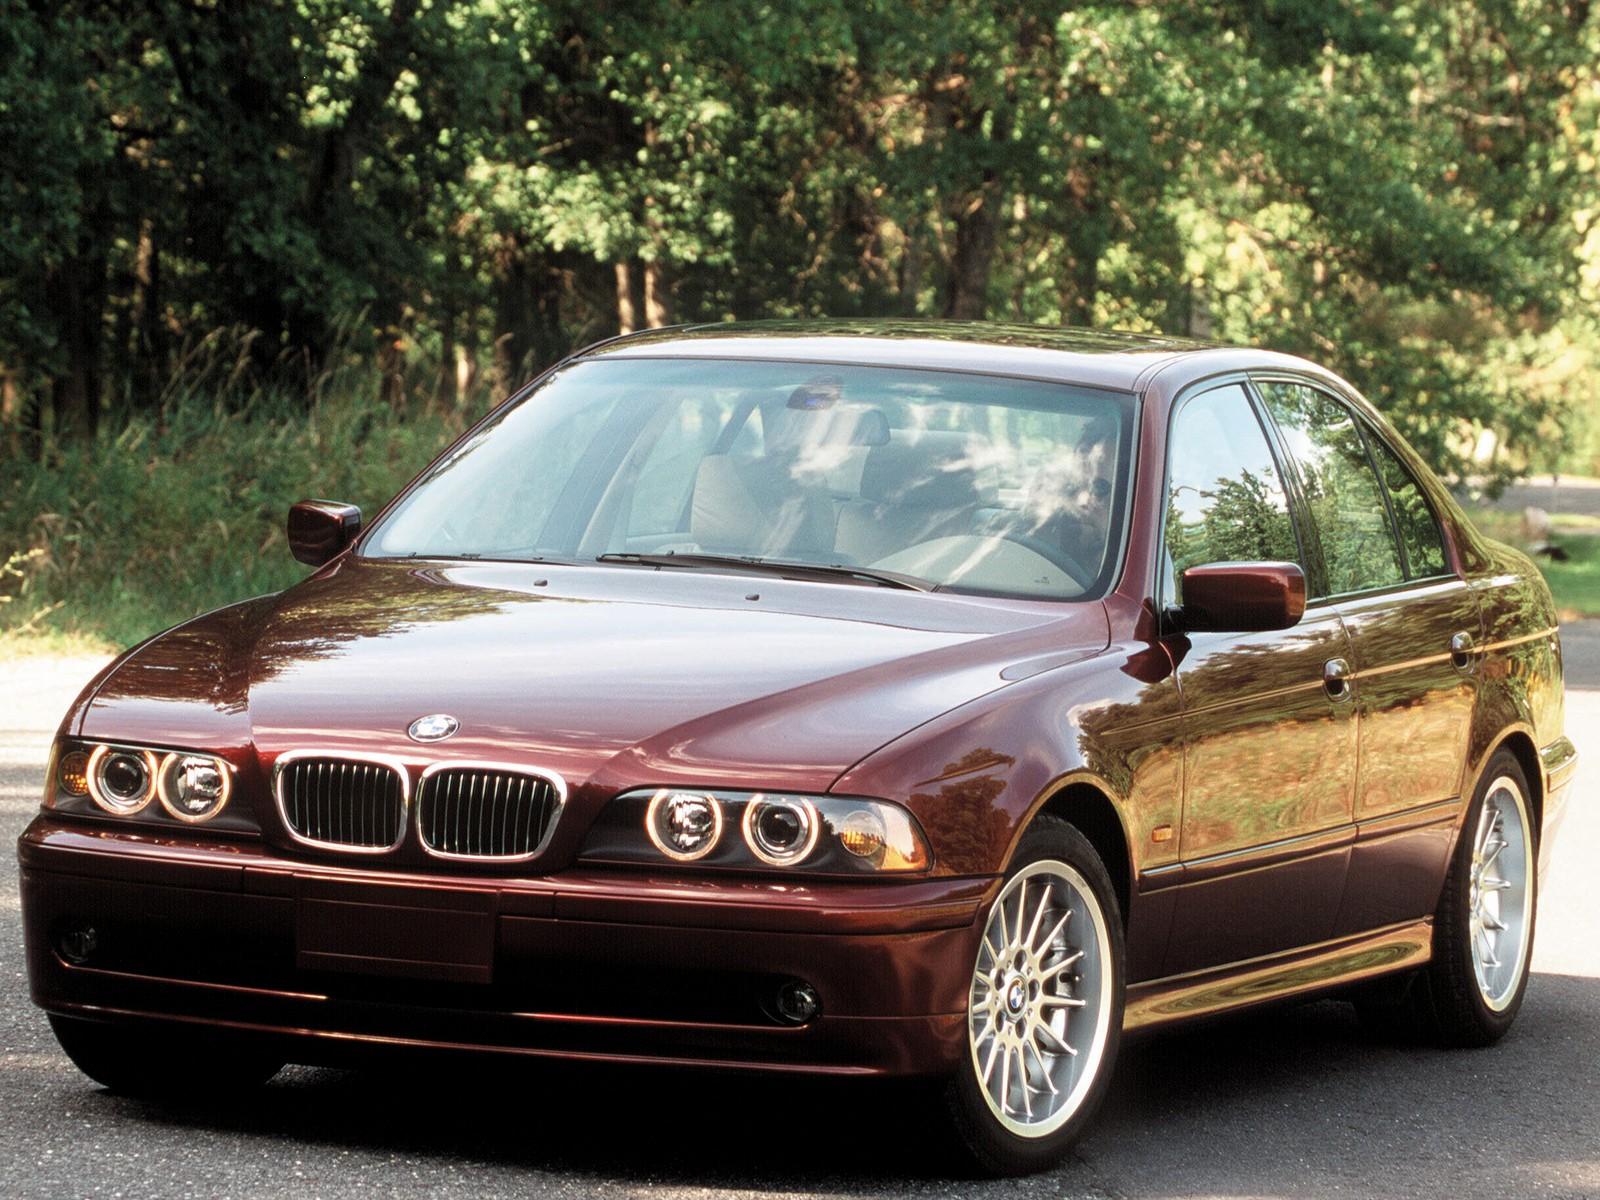 Bmw 5 Series  E39  Specs  U0026 Photos - 2000  2001  2002  2003